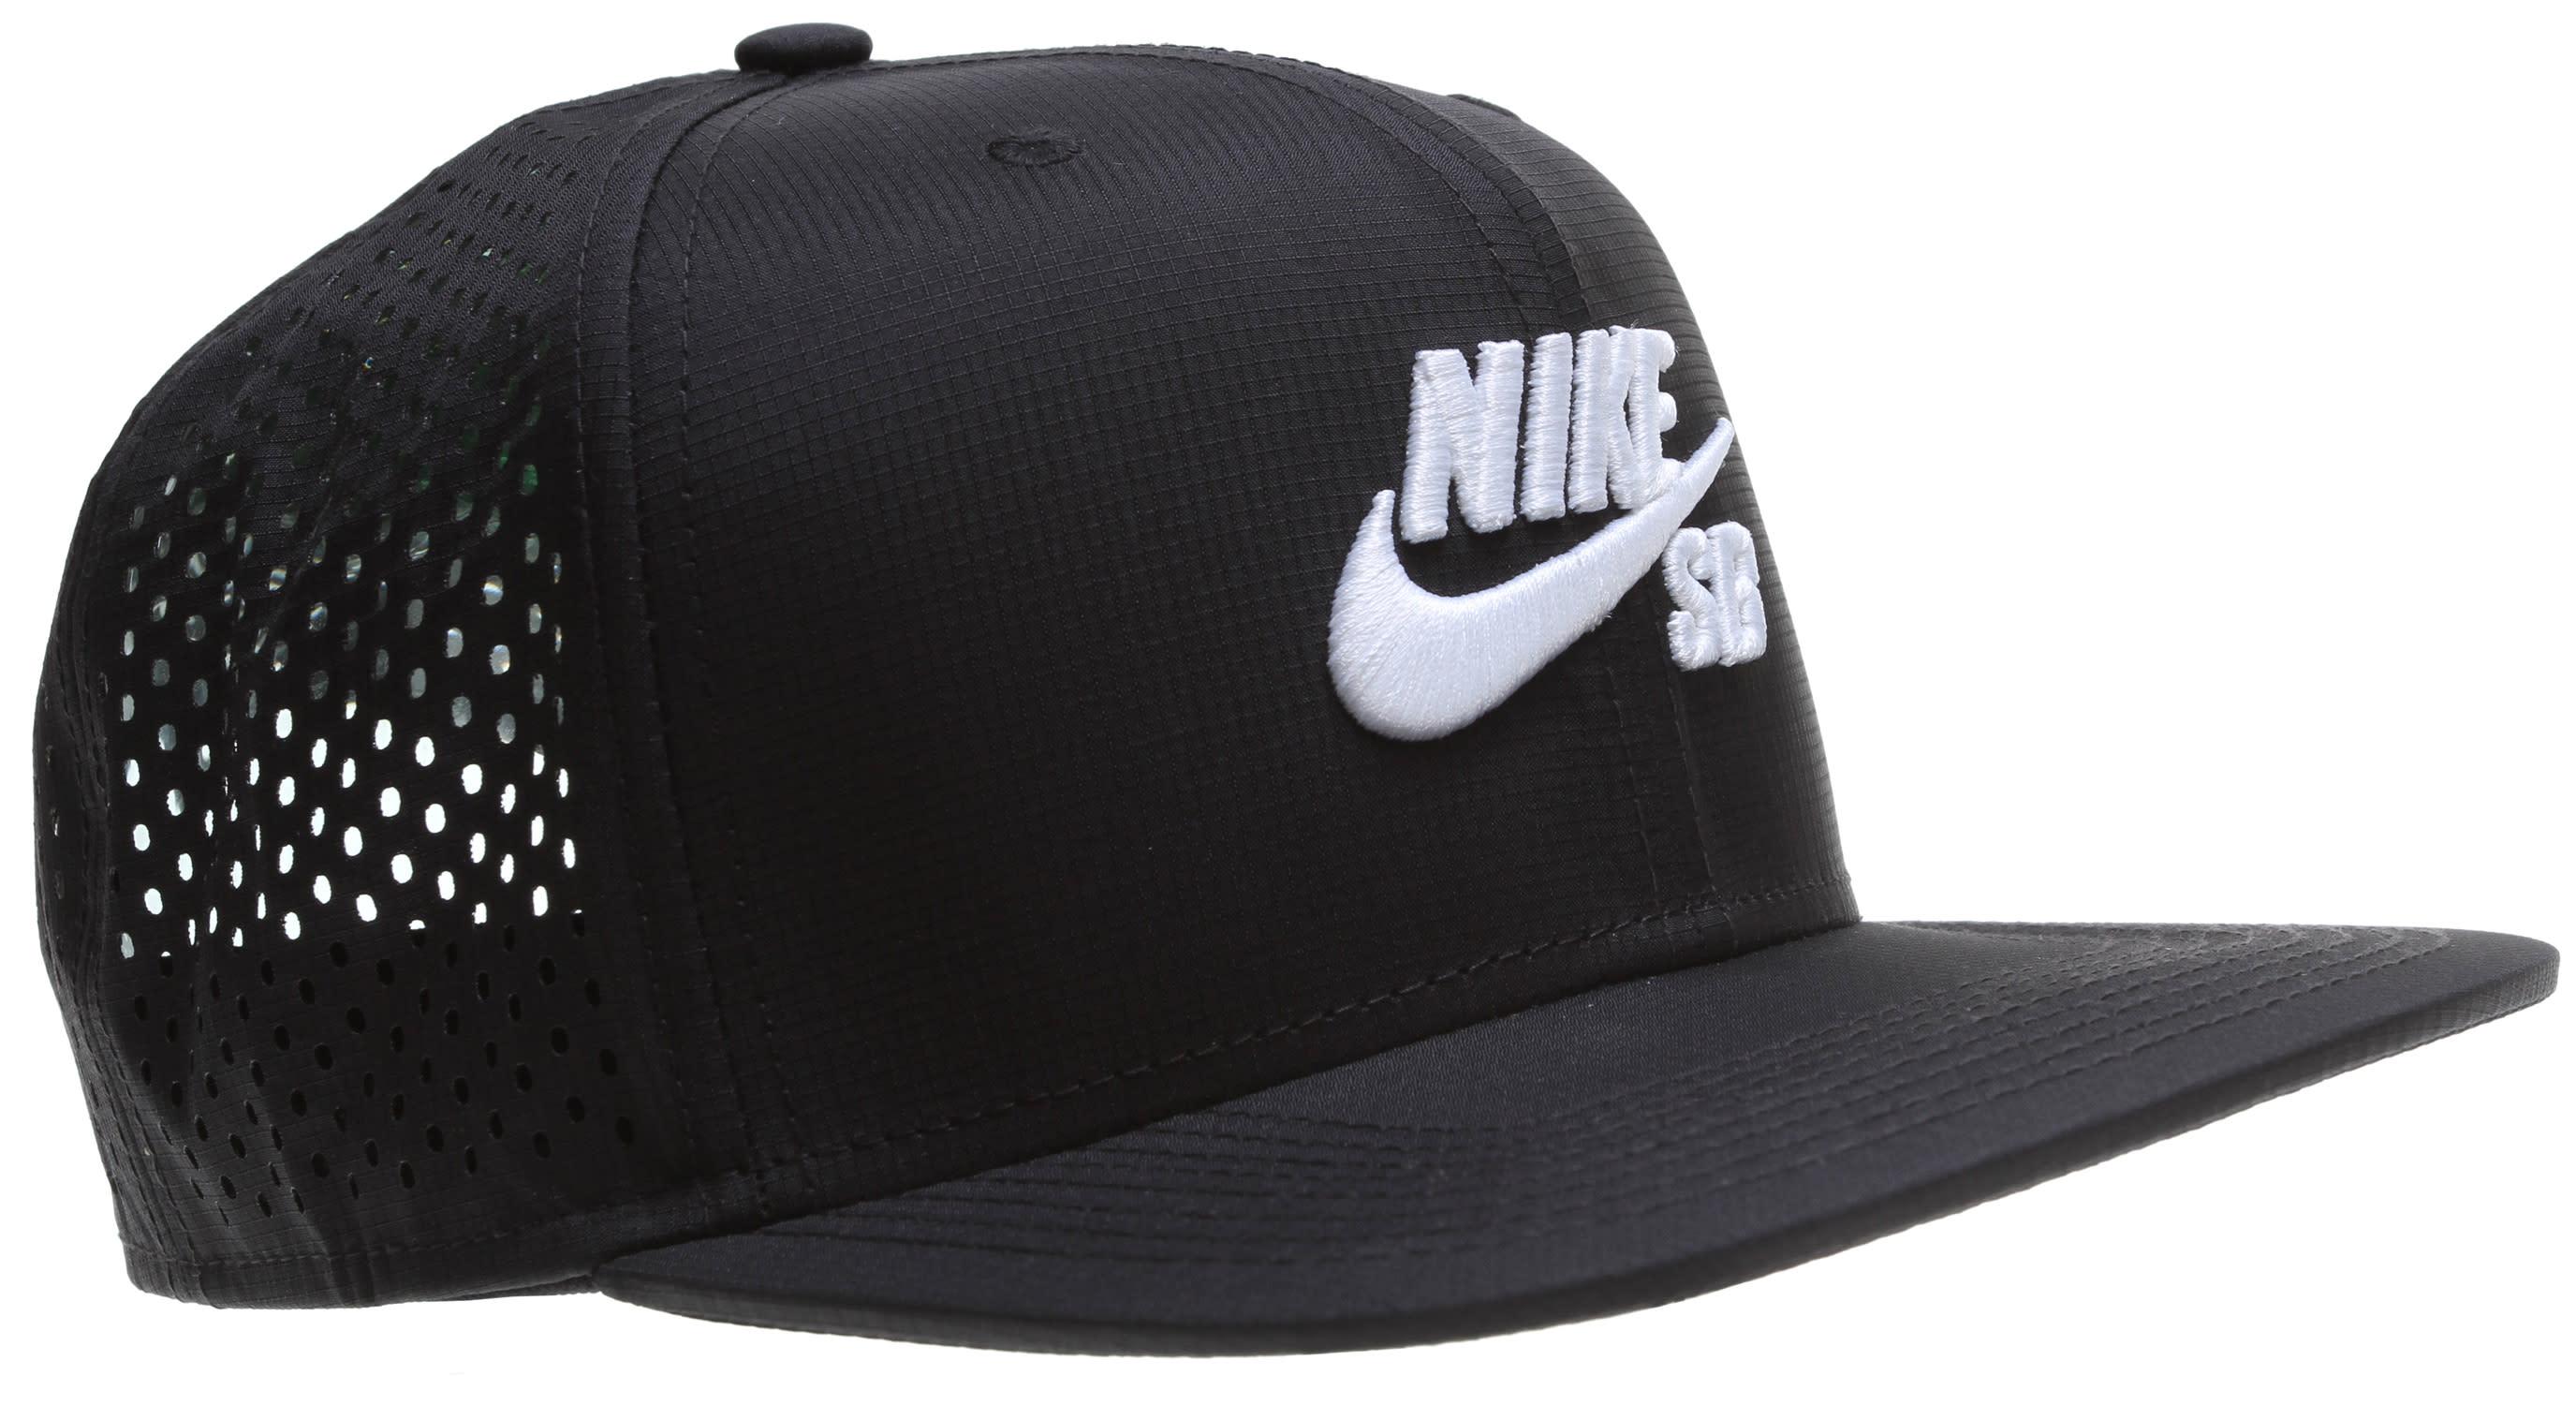 f82062c224e5 Nike SB Performance Trucker Cap - thumbnail 2